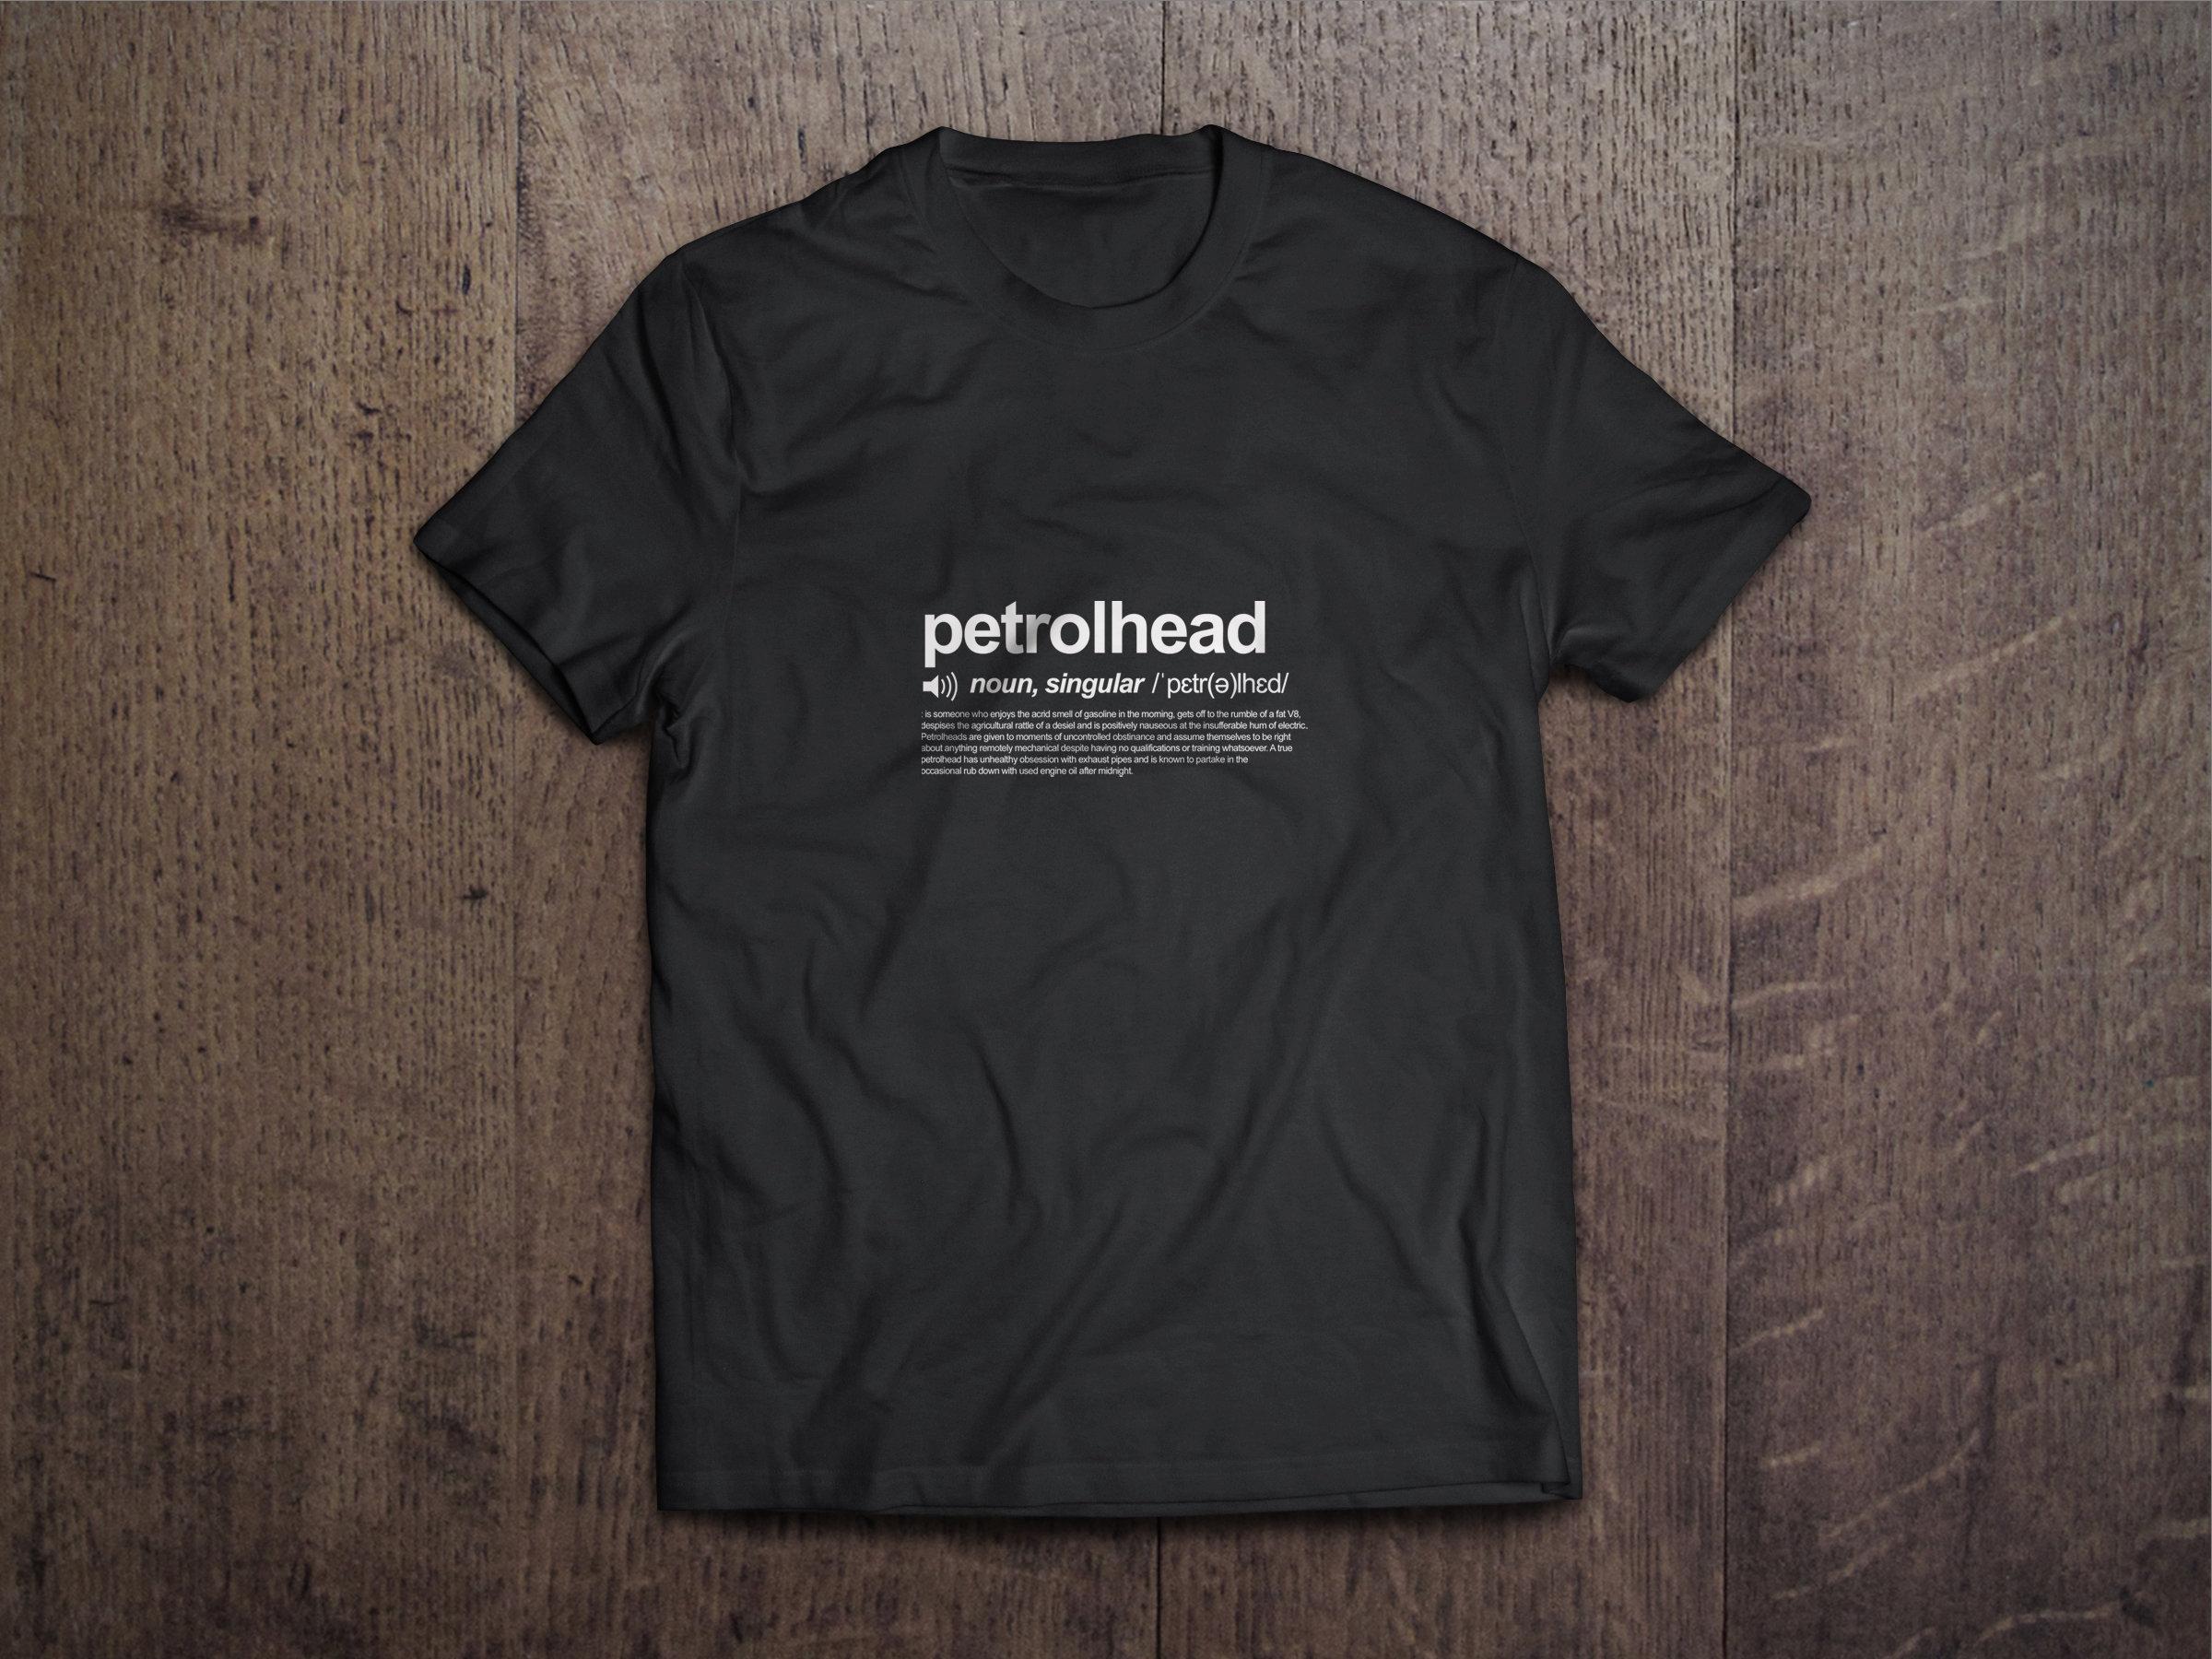 Petrolhead Definition Chest Candy Petrolhead Tshirt